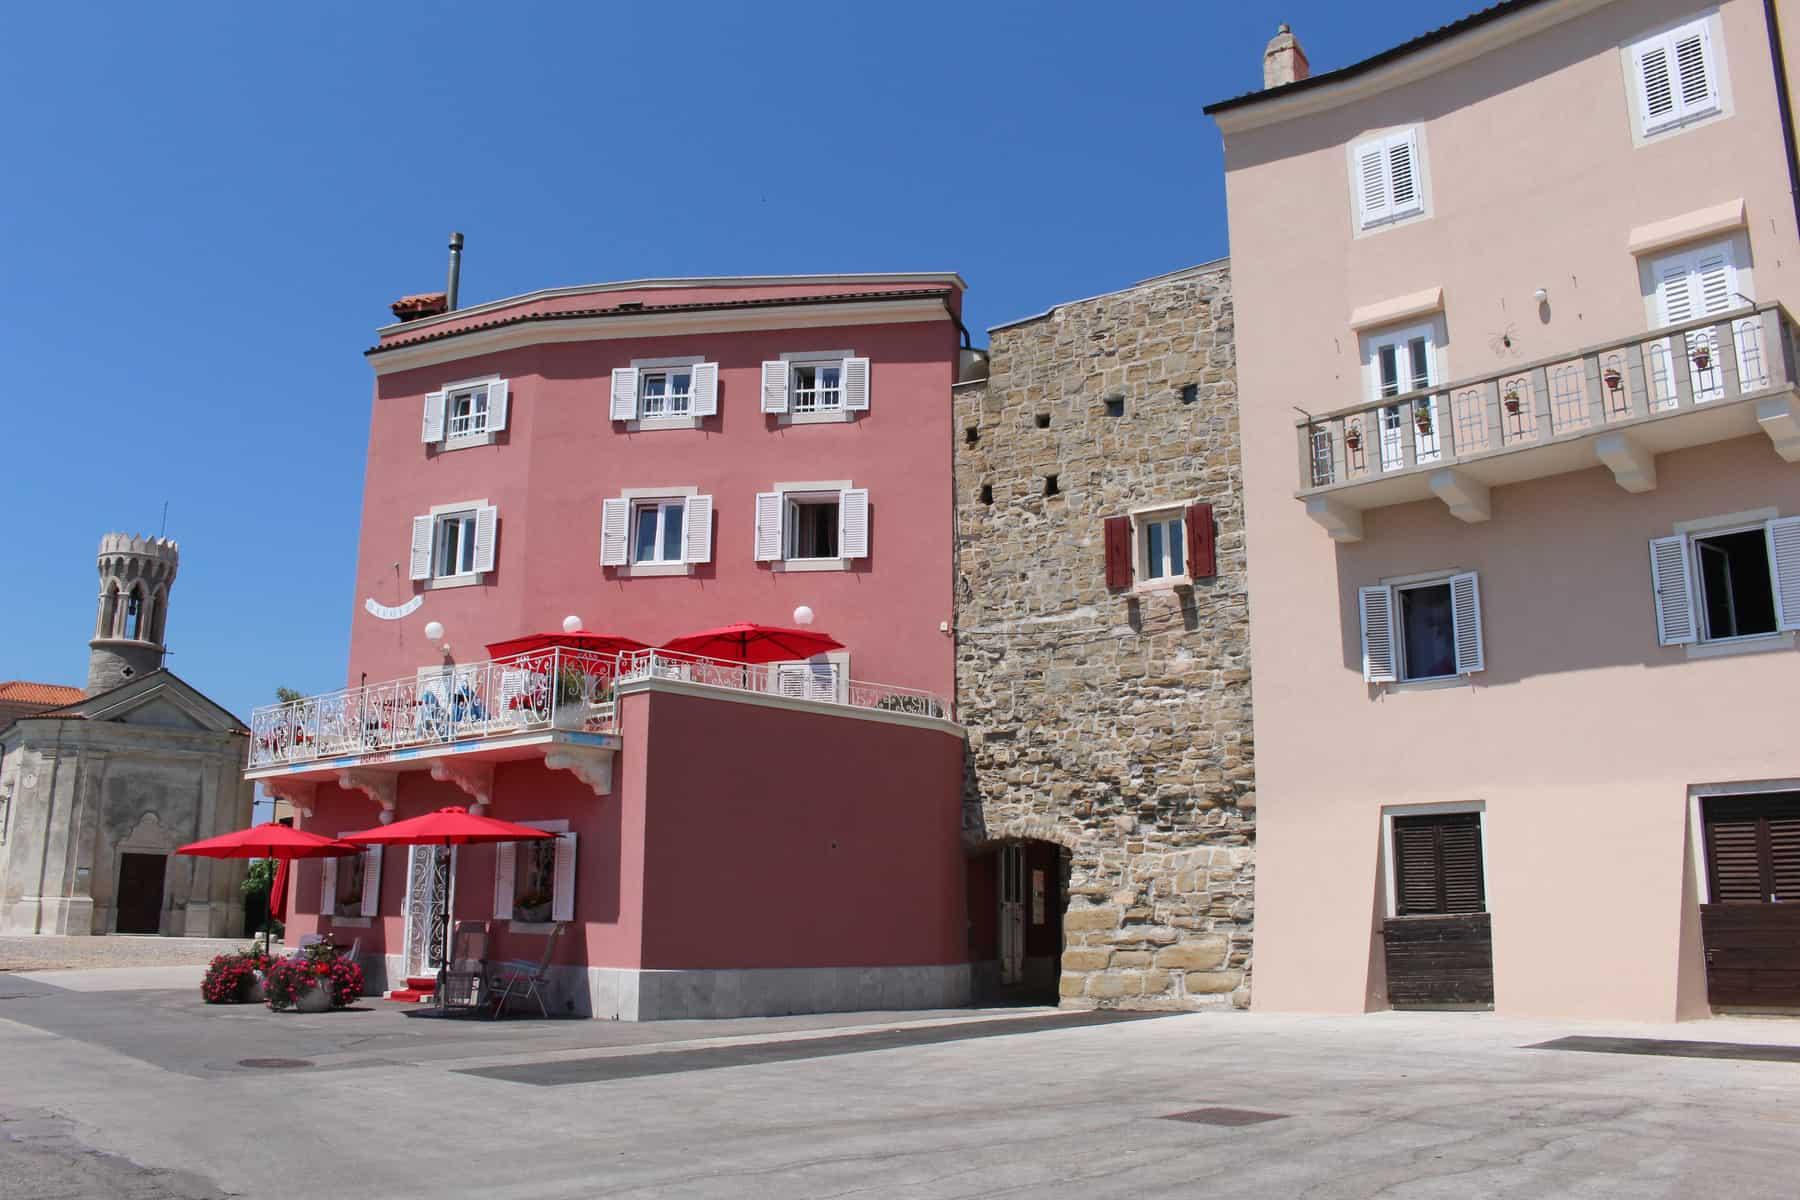 Piran Slovenia Houses